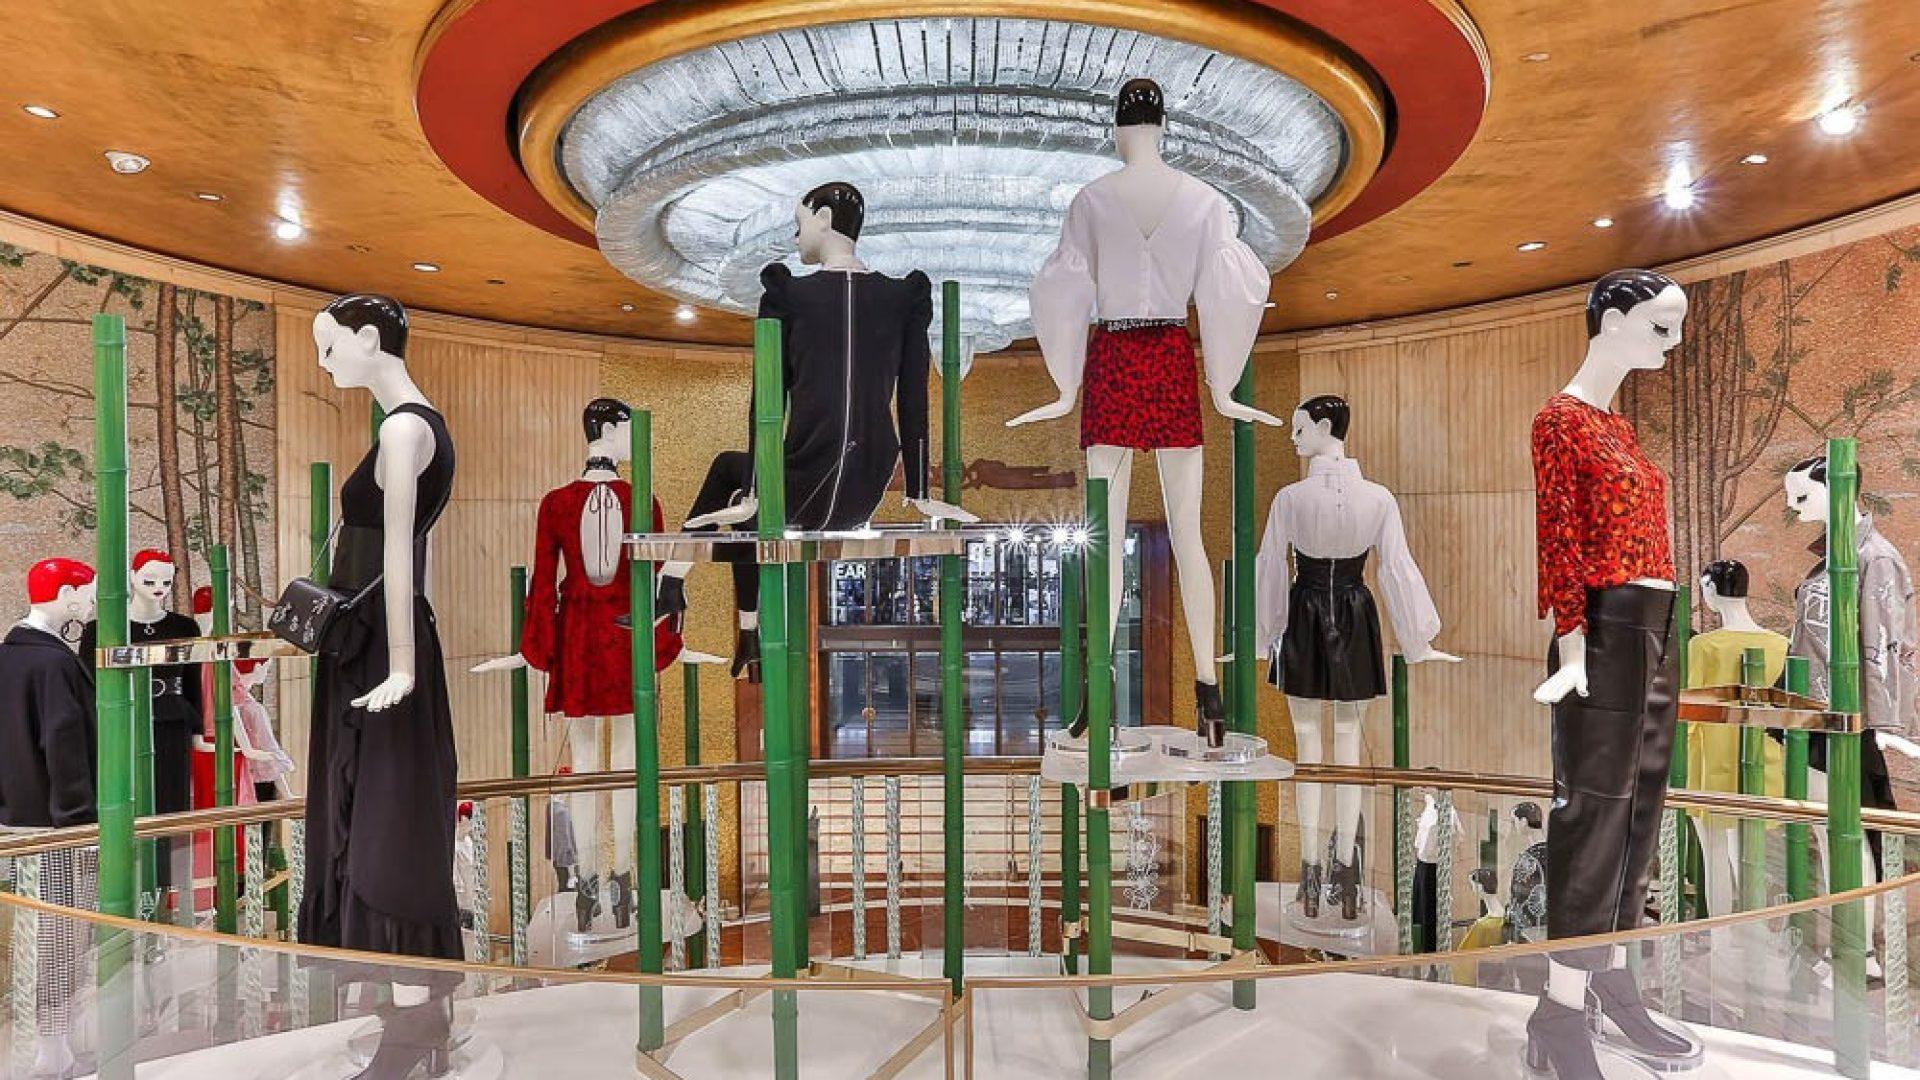 Zara - Utilizzo di materiali compositi e di pregio quali bambù trattato e ottone   - by Artes Group International